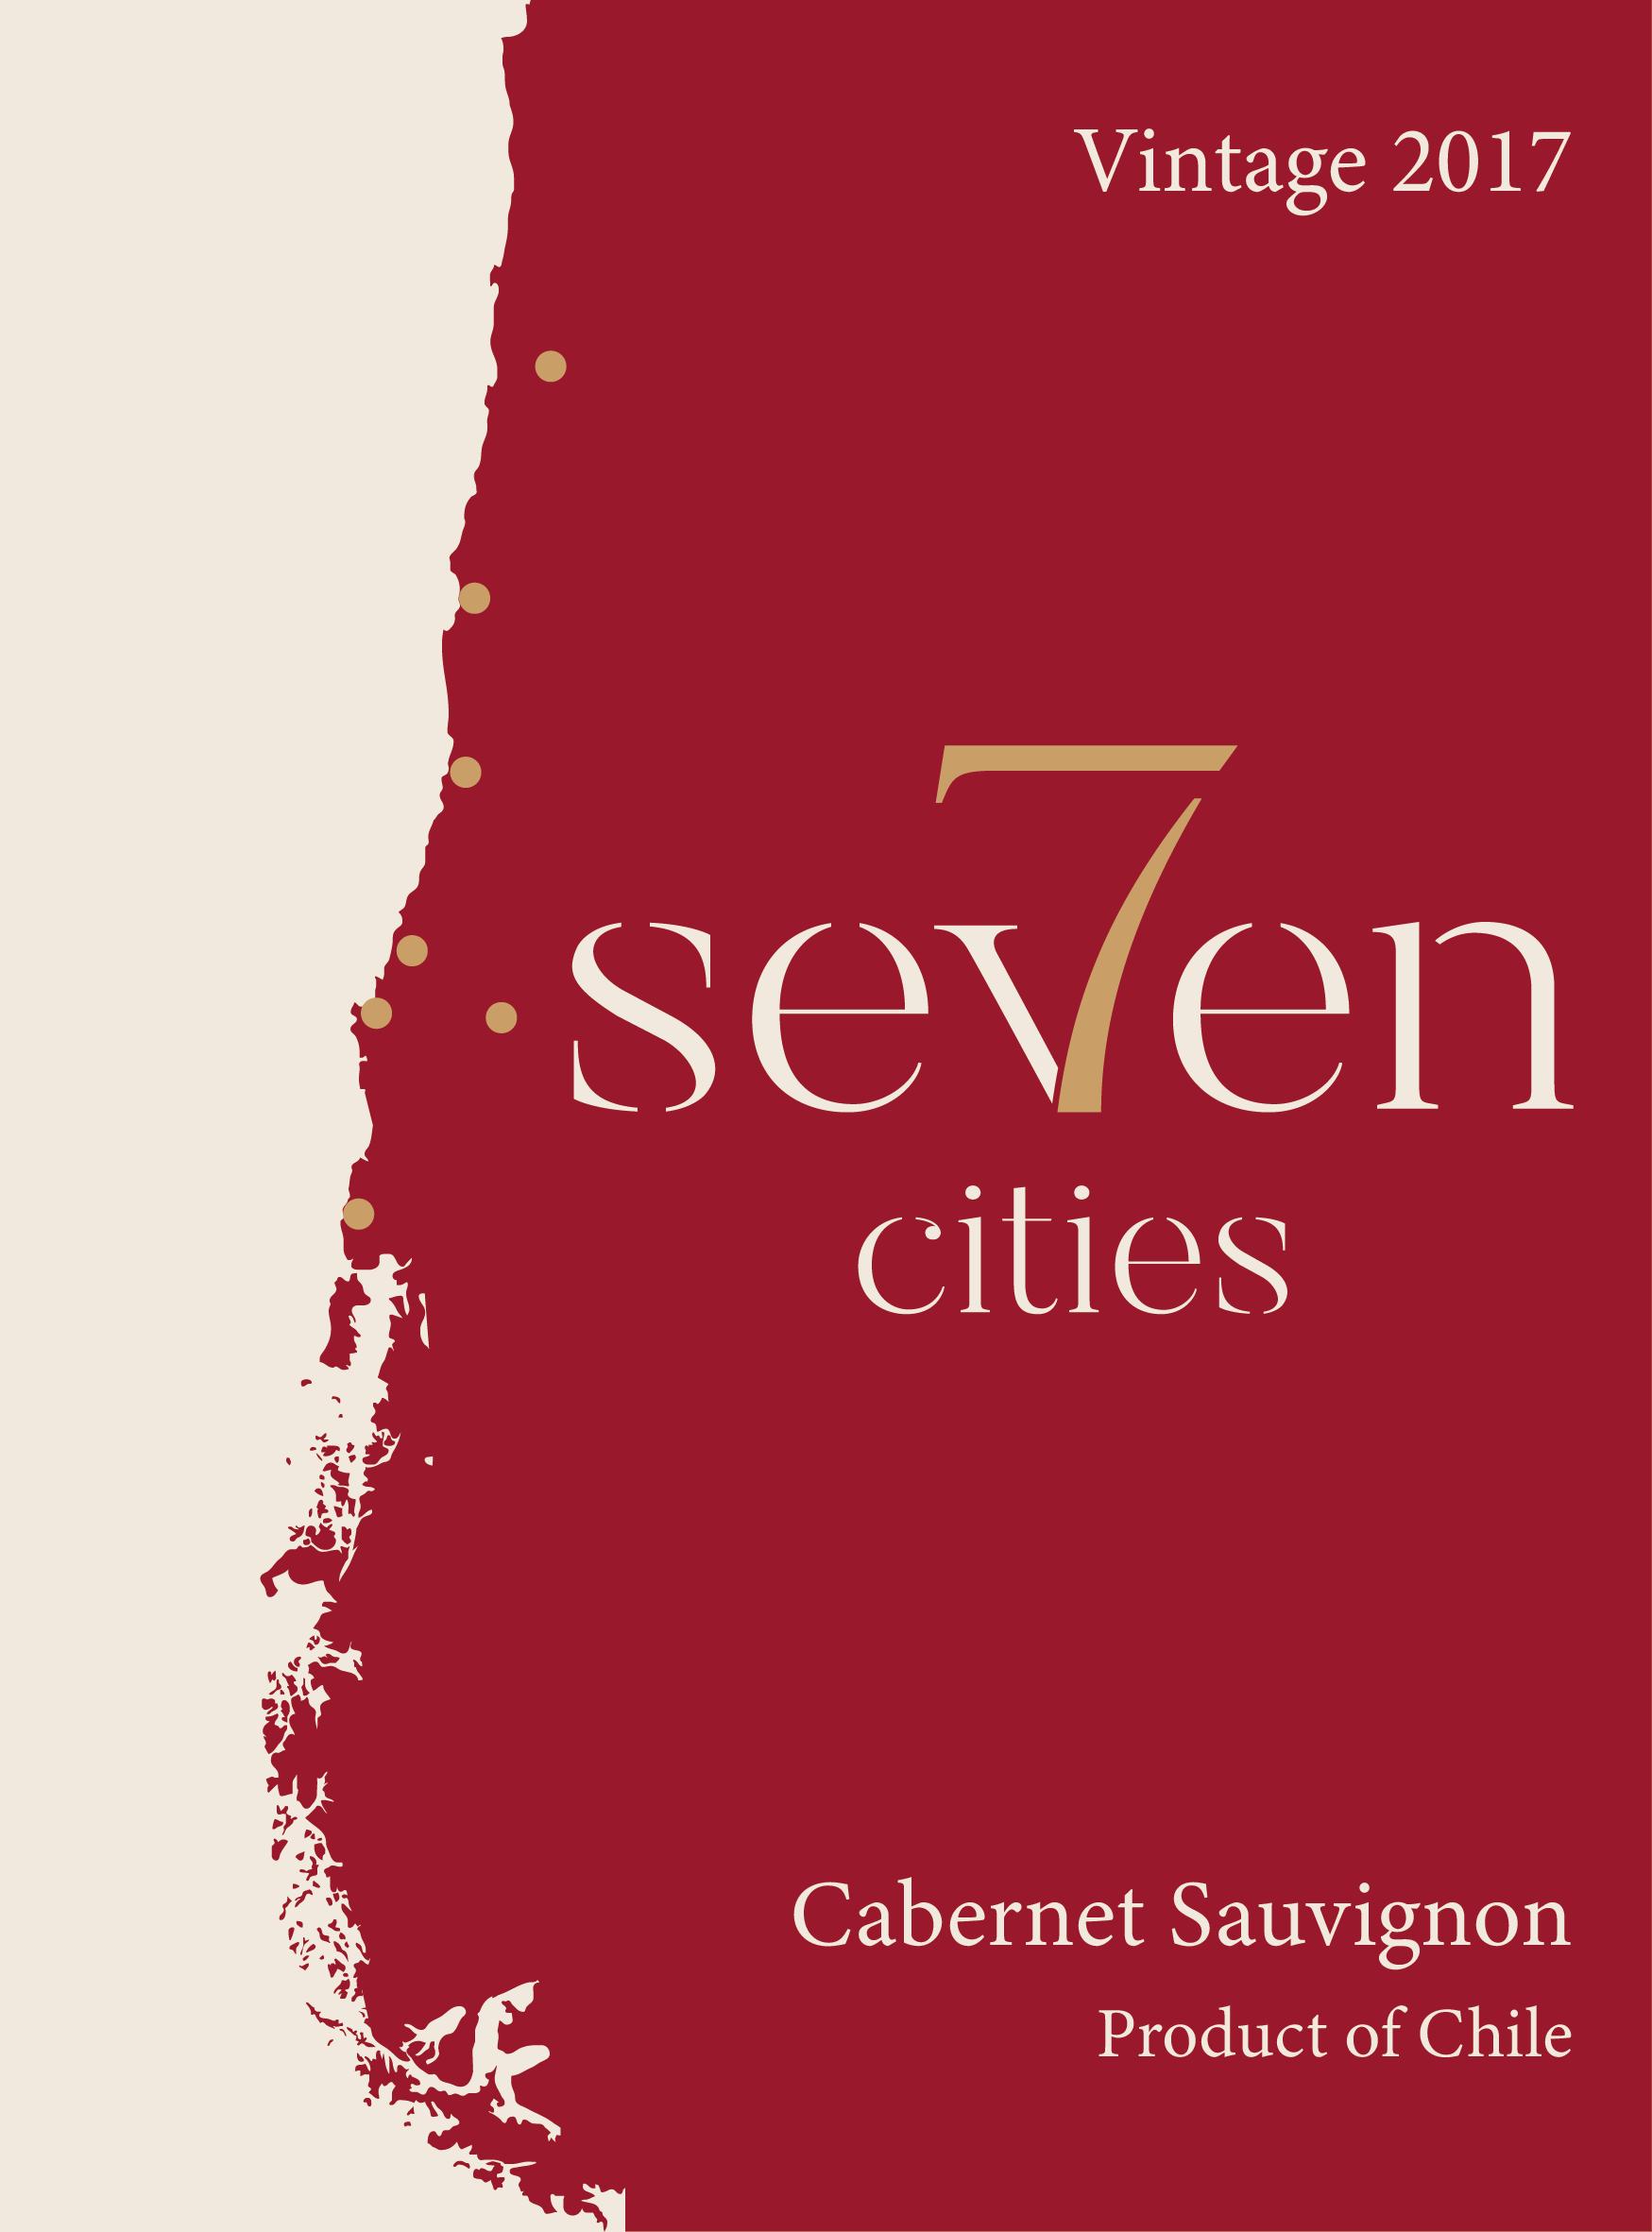 7 Cities Chilean Cabernet Sauvignon